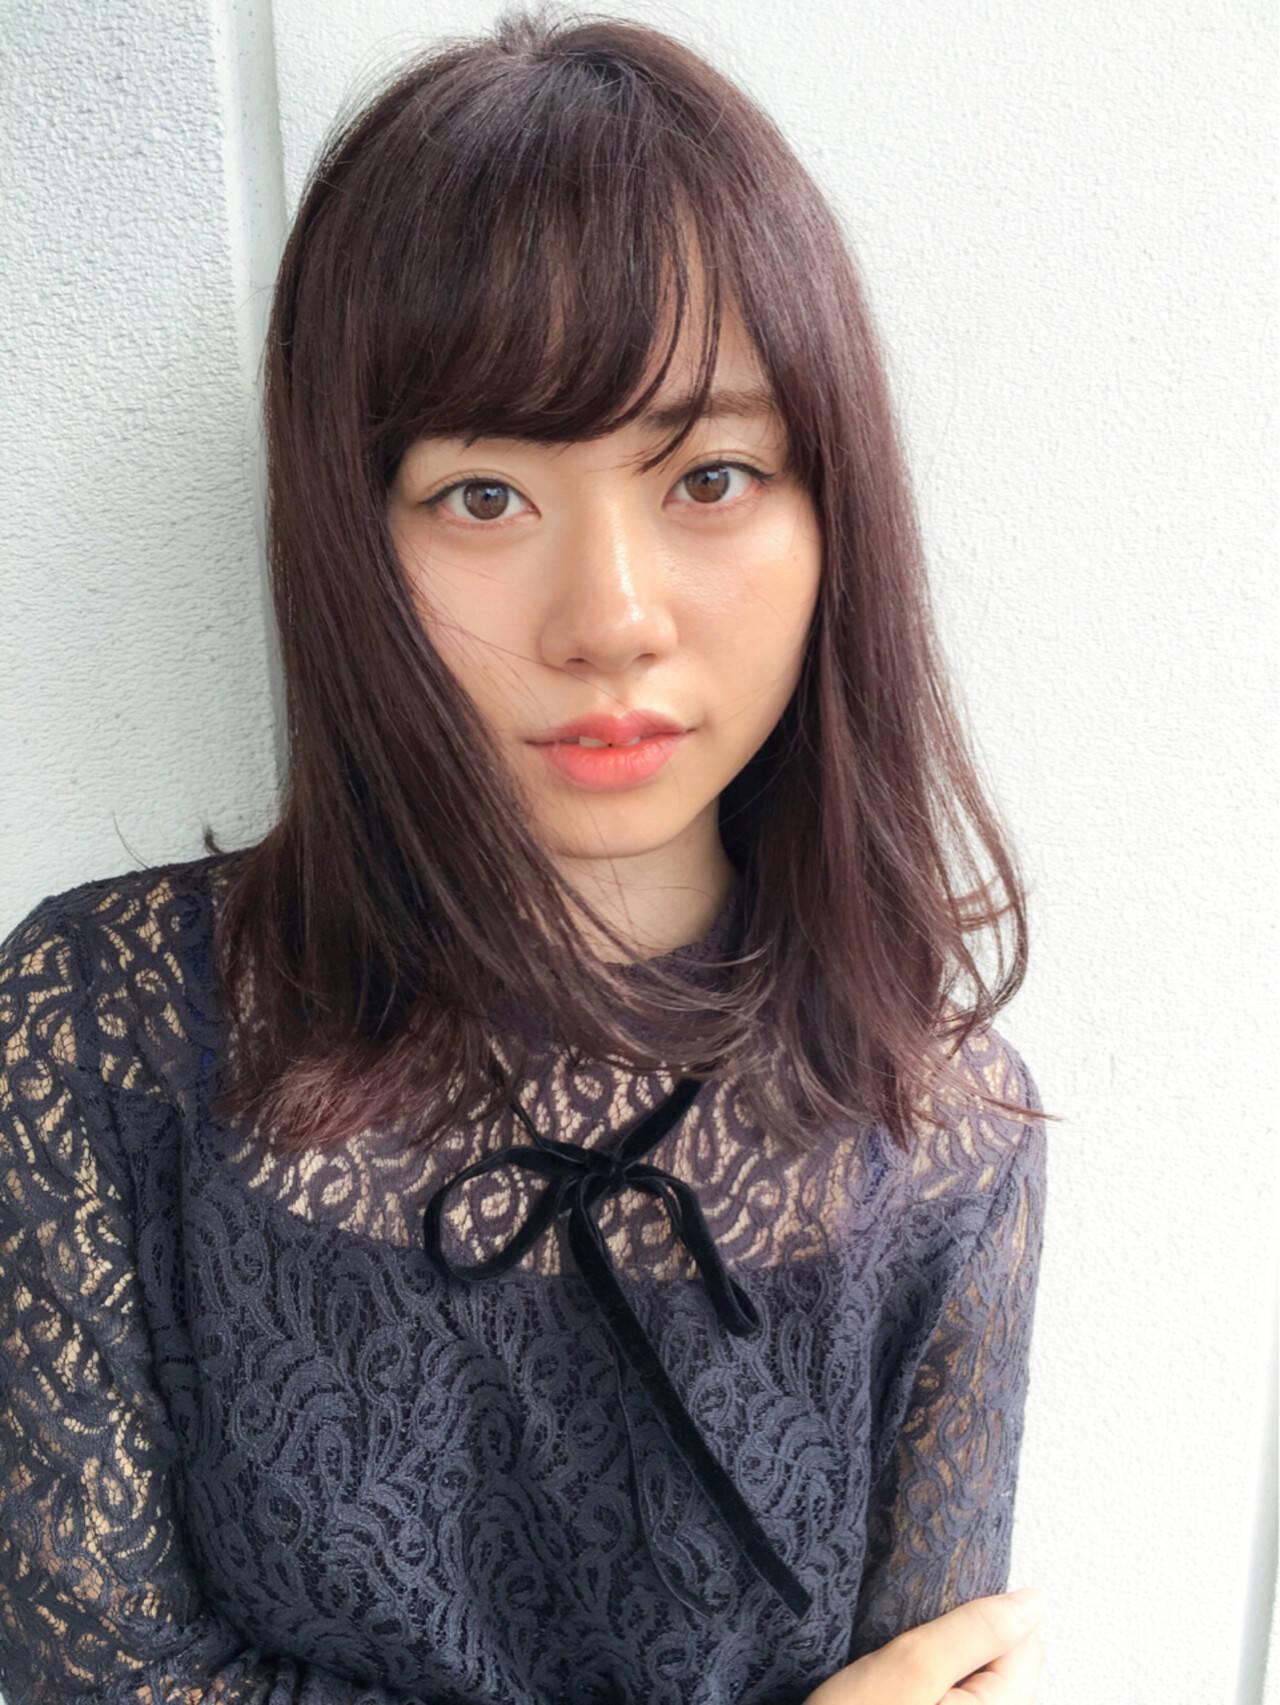 ミディアム ピンクブラウン 暗髪 ベリーヘアスタイルや髪型の写真・画像